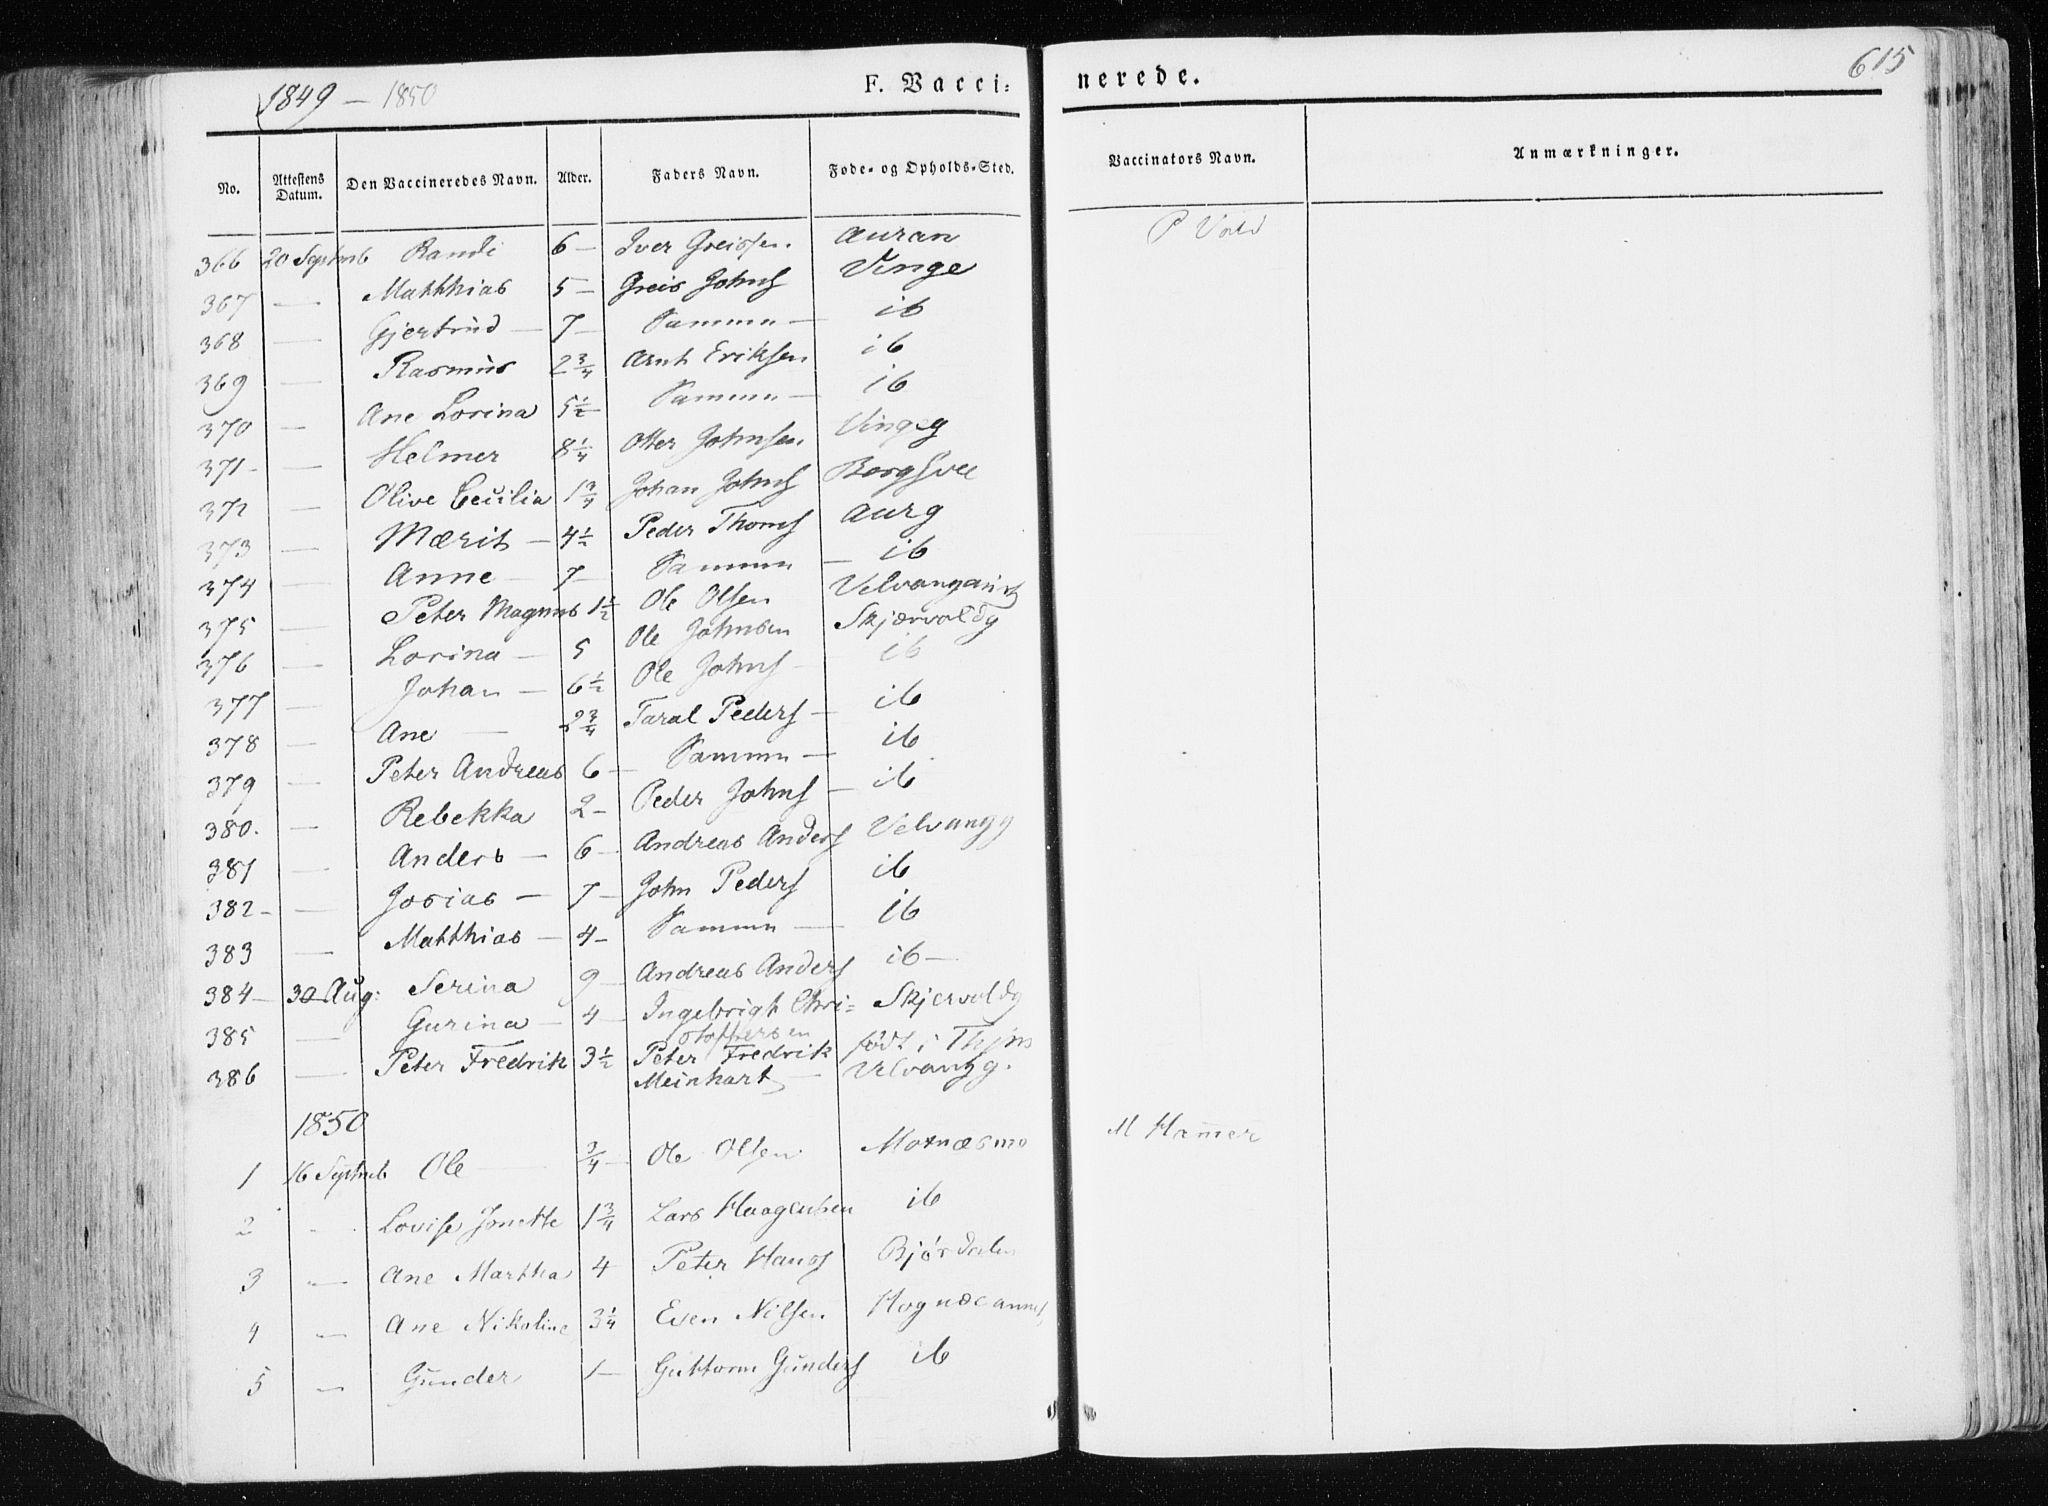 SAT, Ministerialprotokoller, klokkerbøker og fødselsregistre - Nord-Trøndelag, 709/L0074: Ministerialbok nr. 709A14, 1845-1858, s. 615